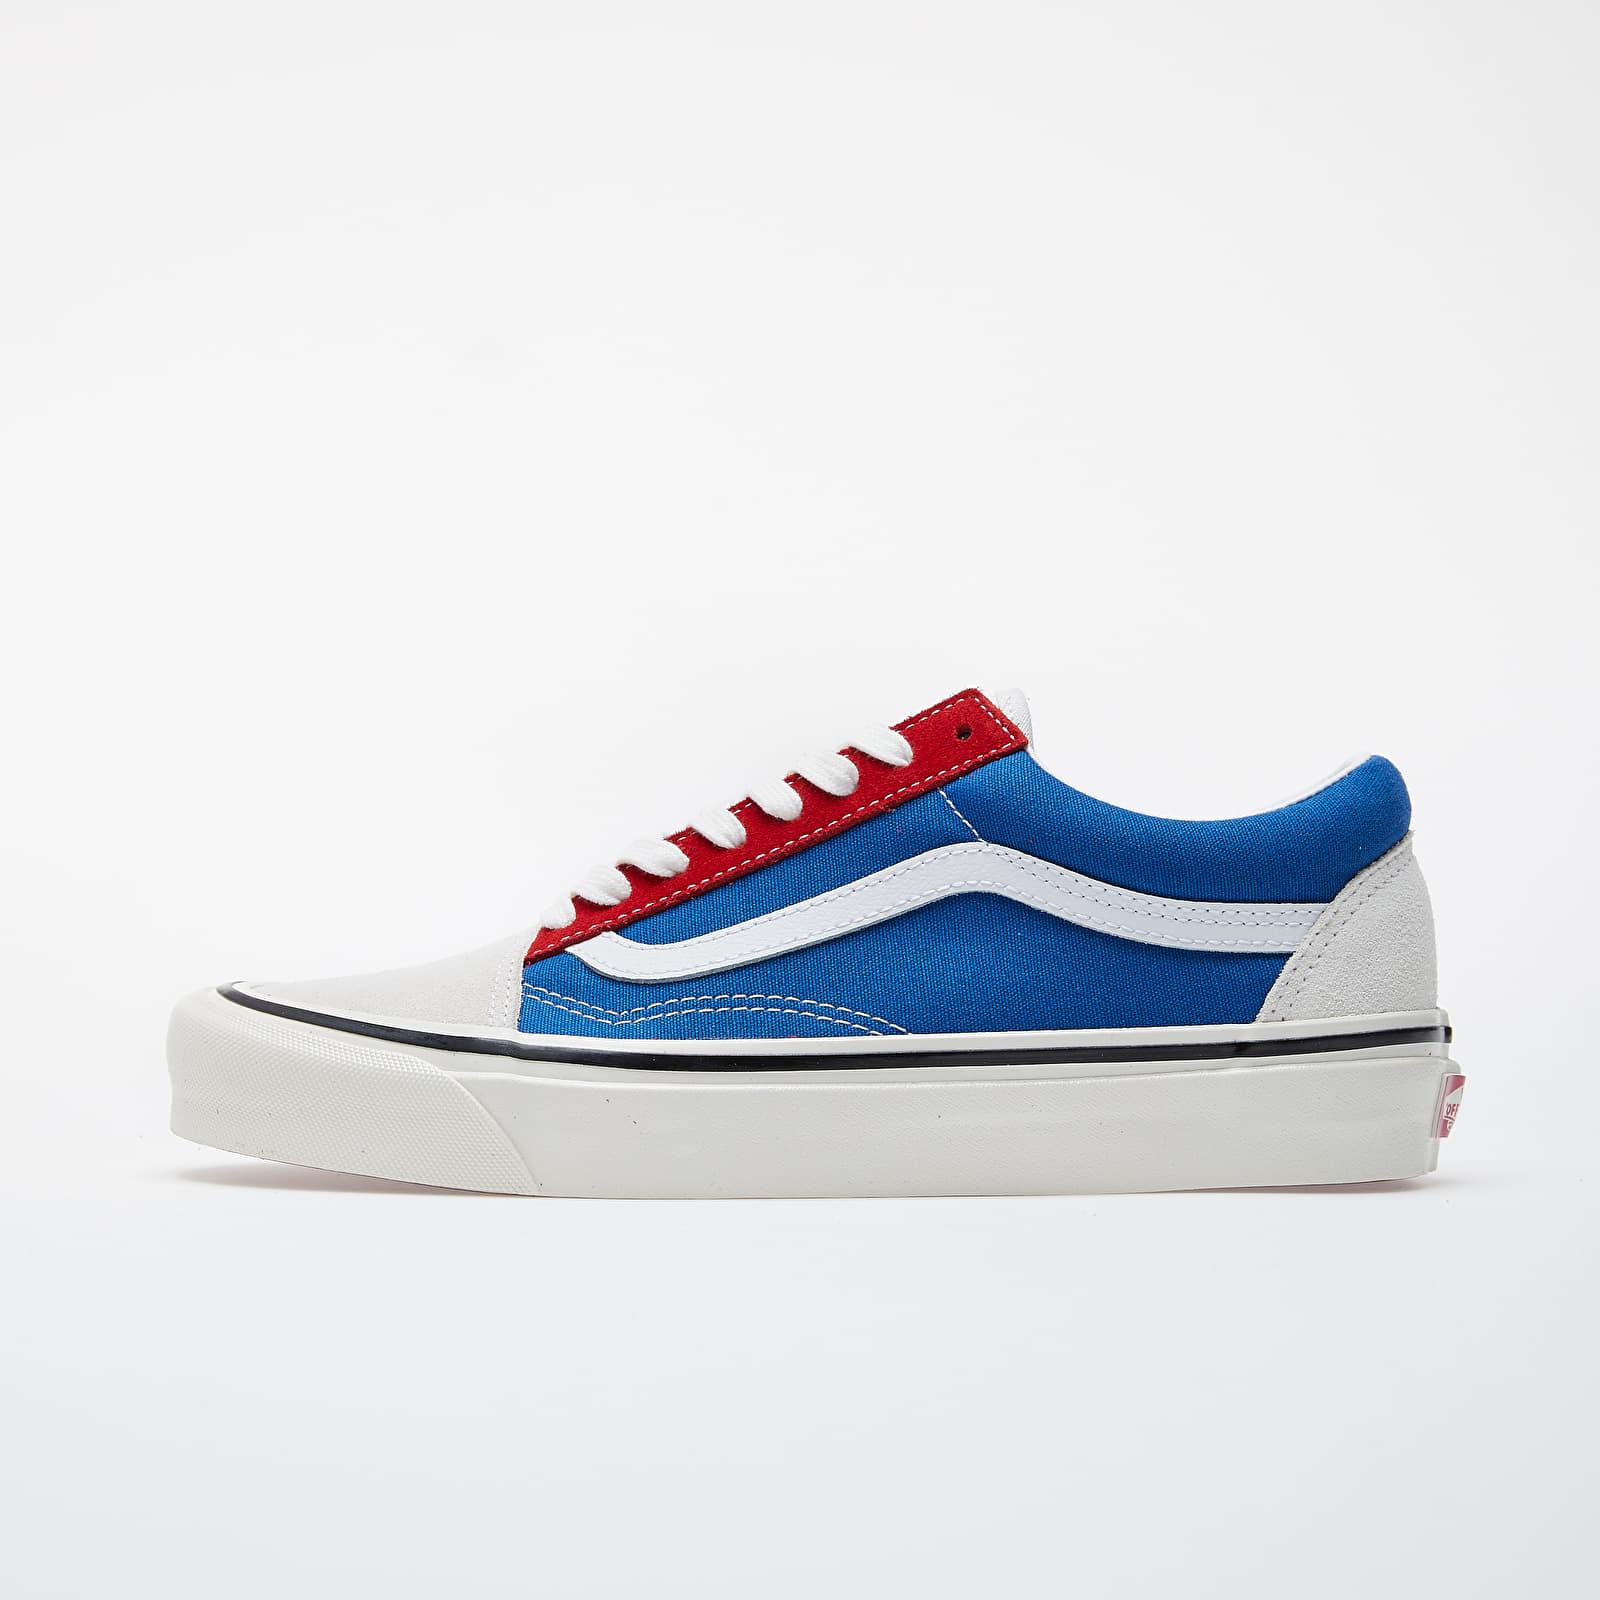 vans old skool red and blue